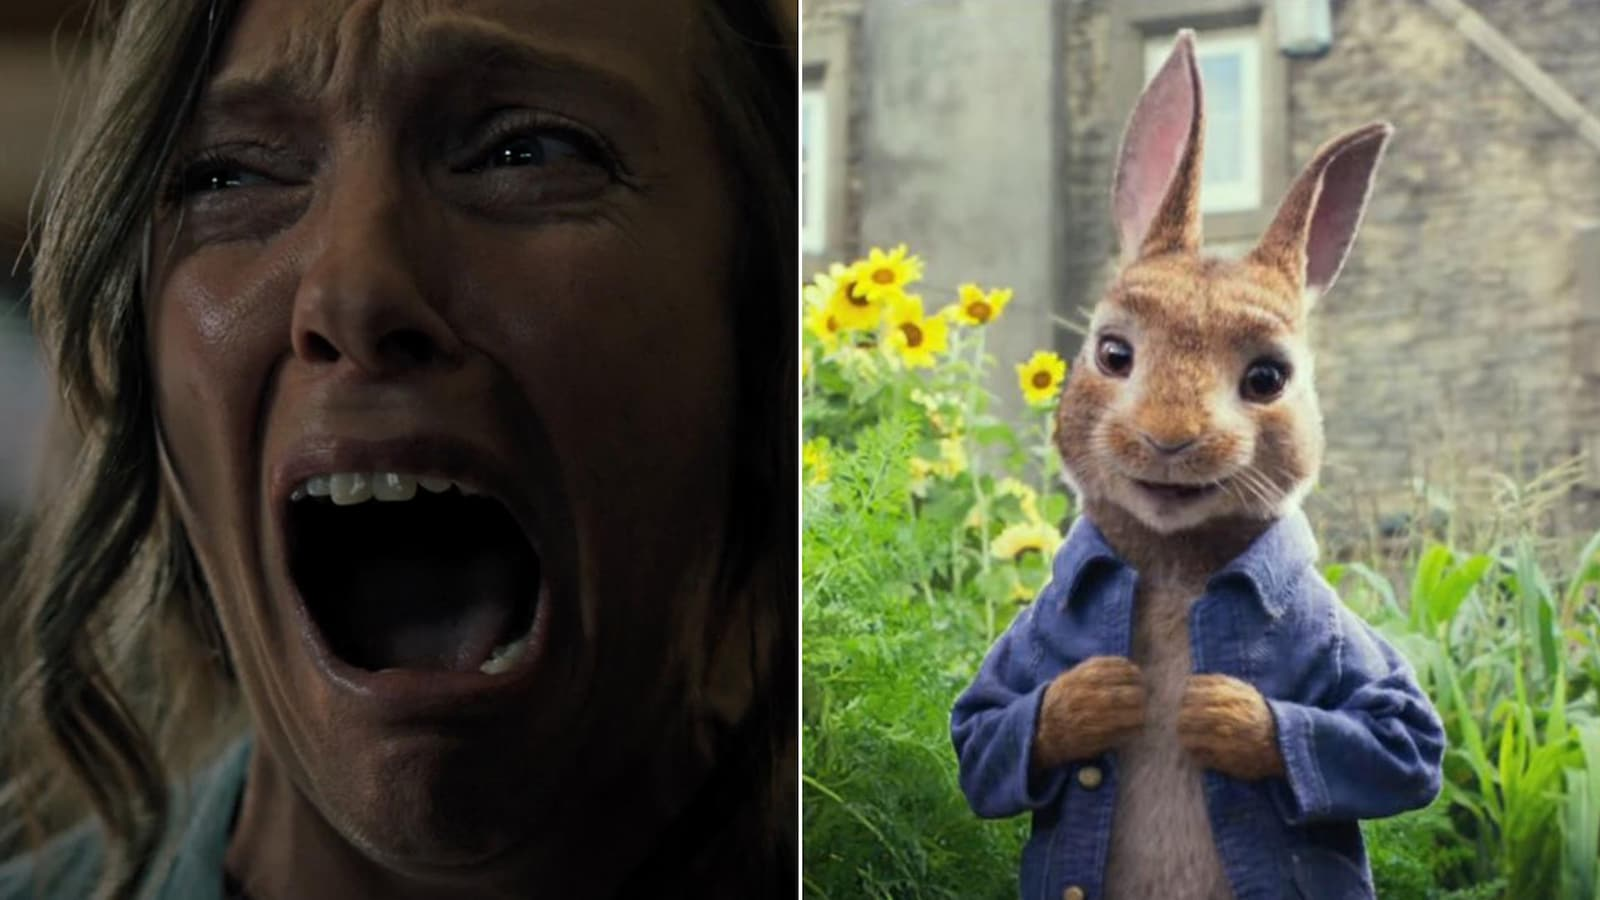 Deux images tirées des films «Hérédité» et «Pierre Lapin»: dans la première, on peut voir une femme horrifiée qui crie, tandis que, dans la seconde, on aperçoit Pierre Lapin, un sympathique lapin animé.